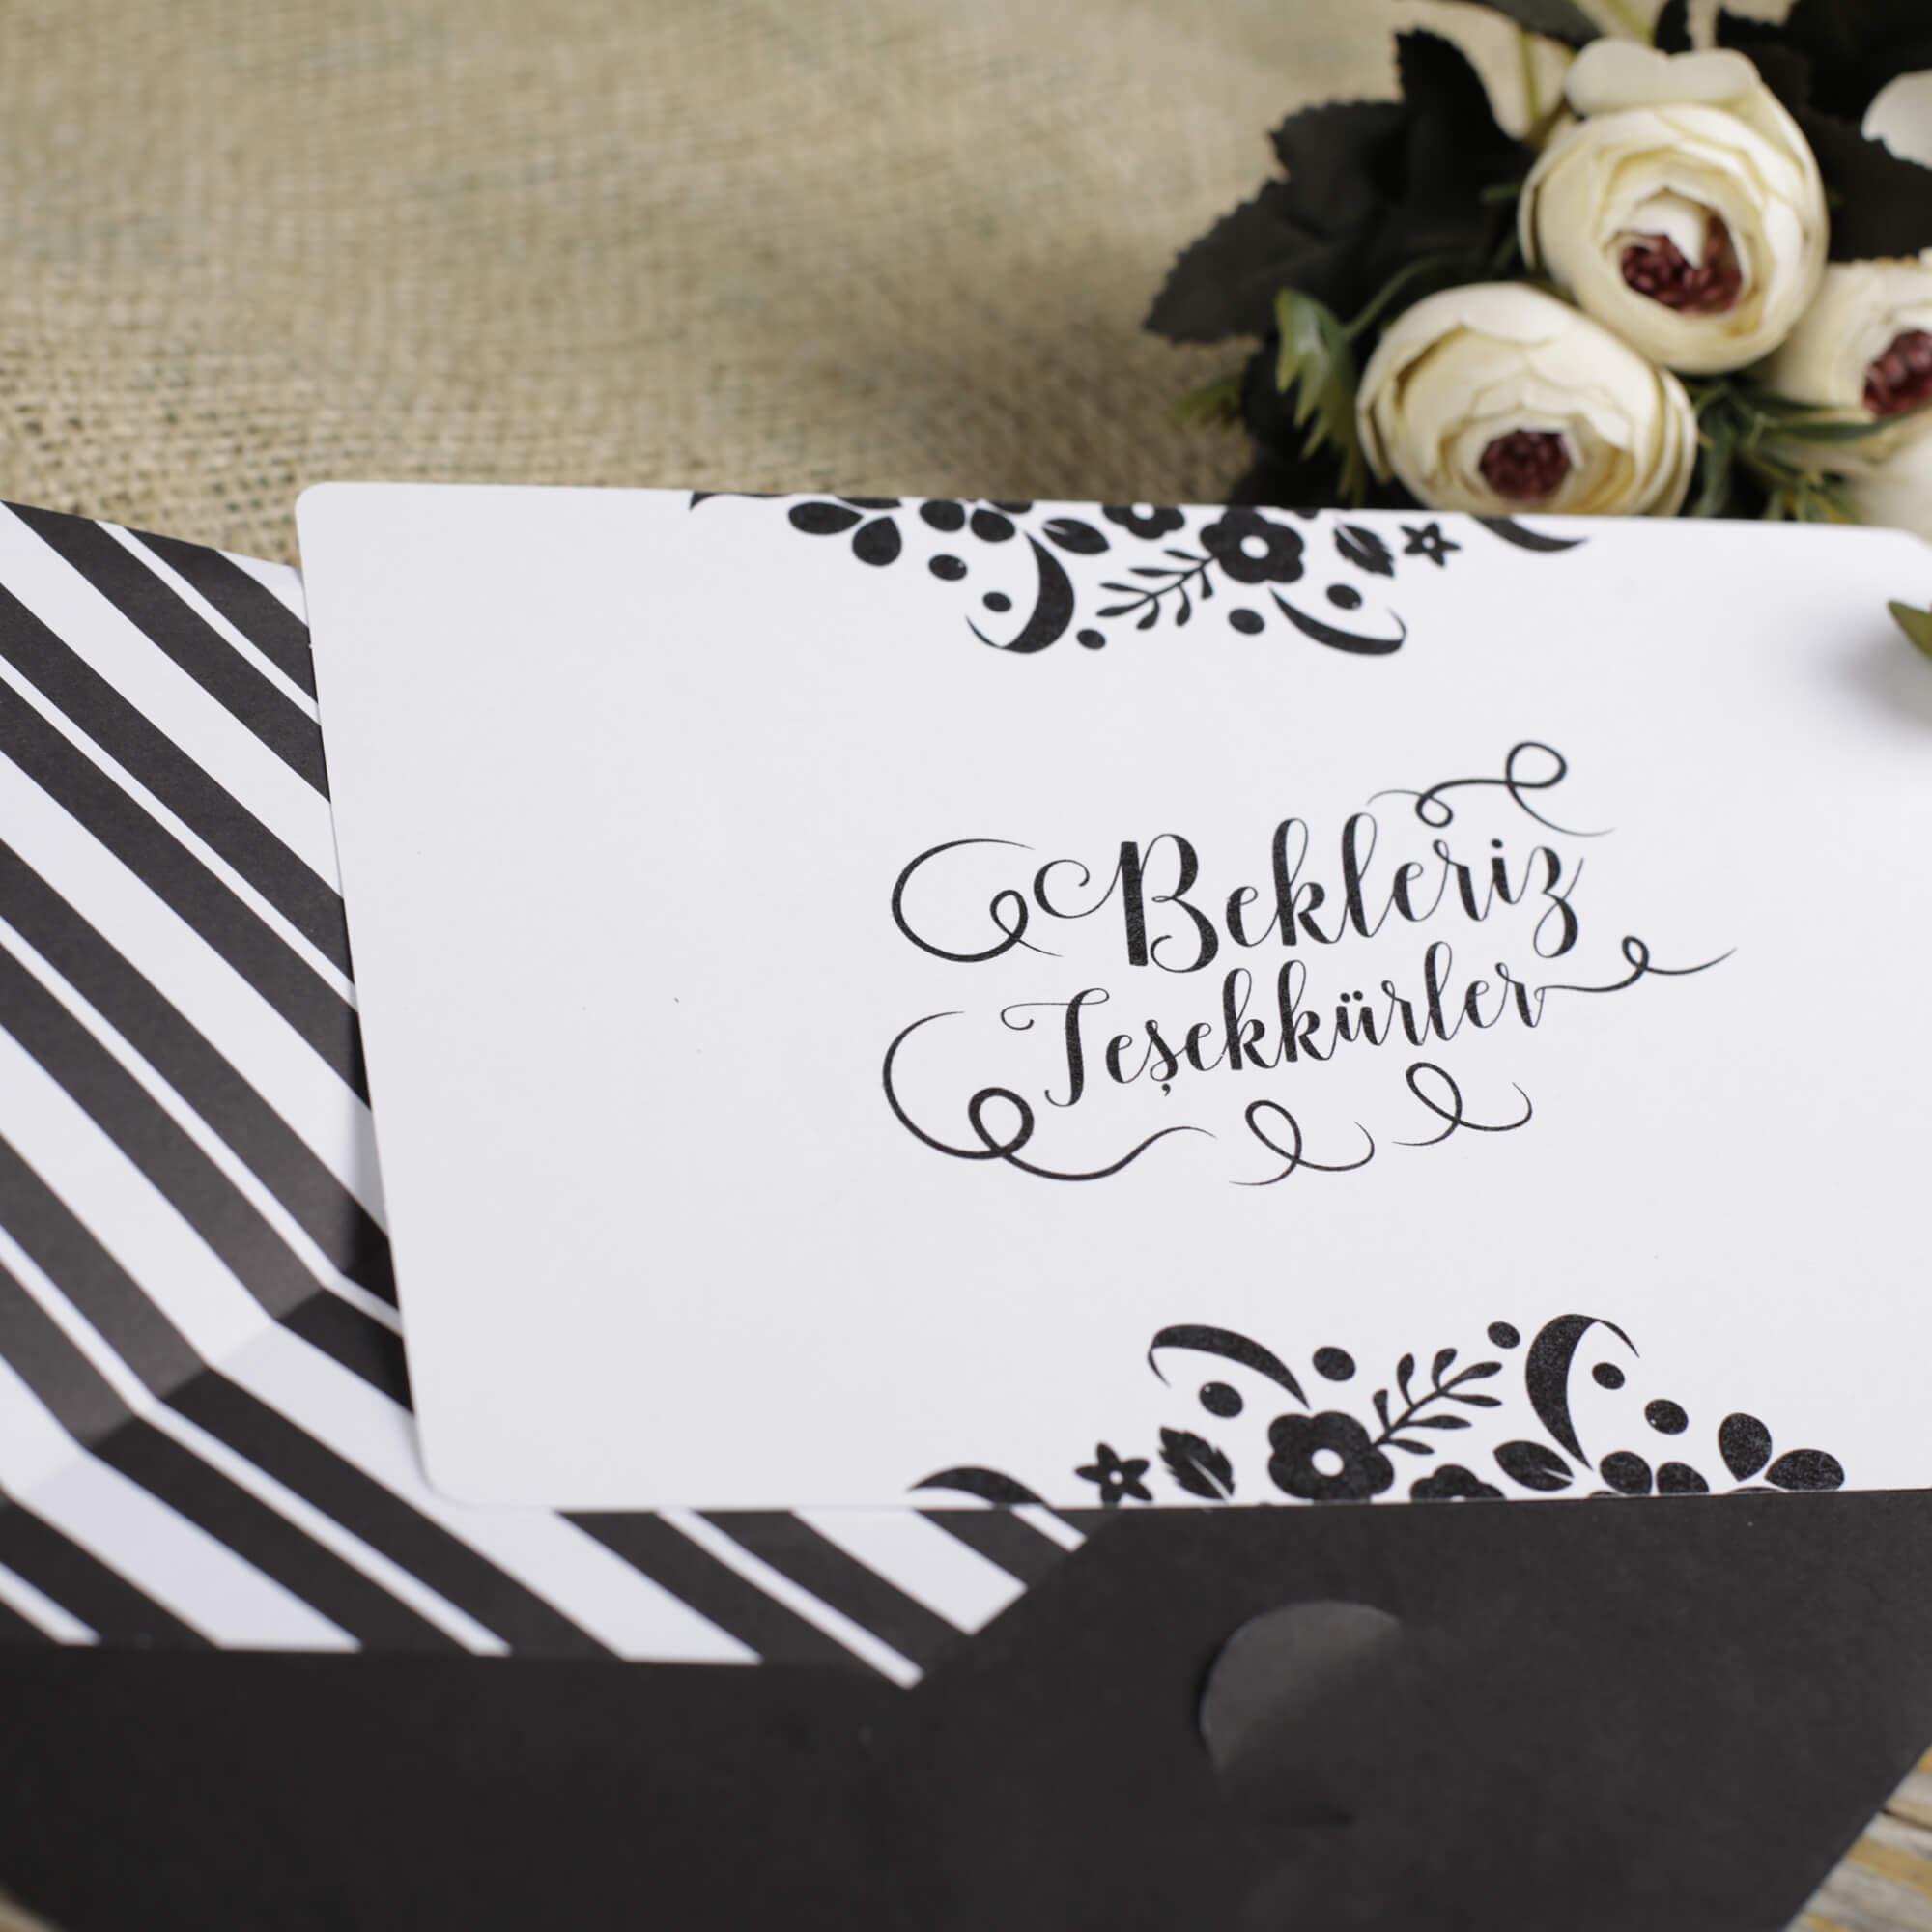 siyah-zarflı-düğün-davetiyesi-10293-3-92,51